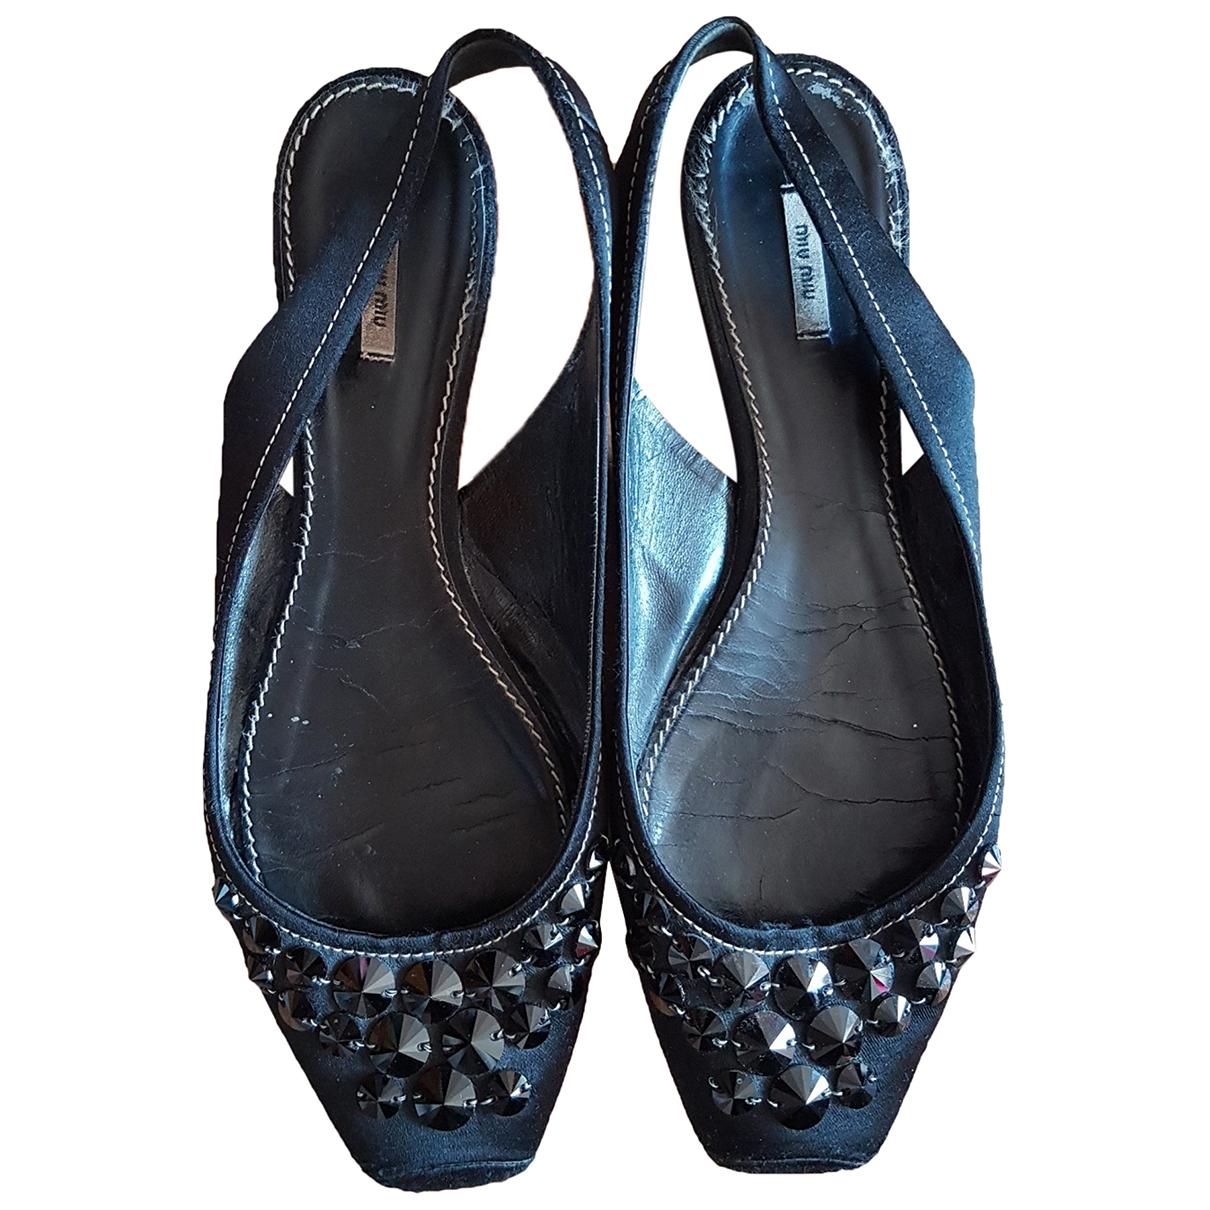 Miu Miu \N Black Leather Ballet flats for Women 39 EU